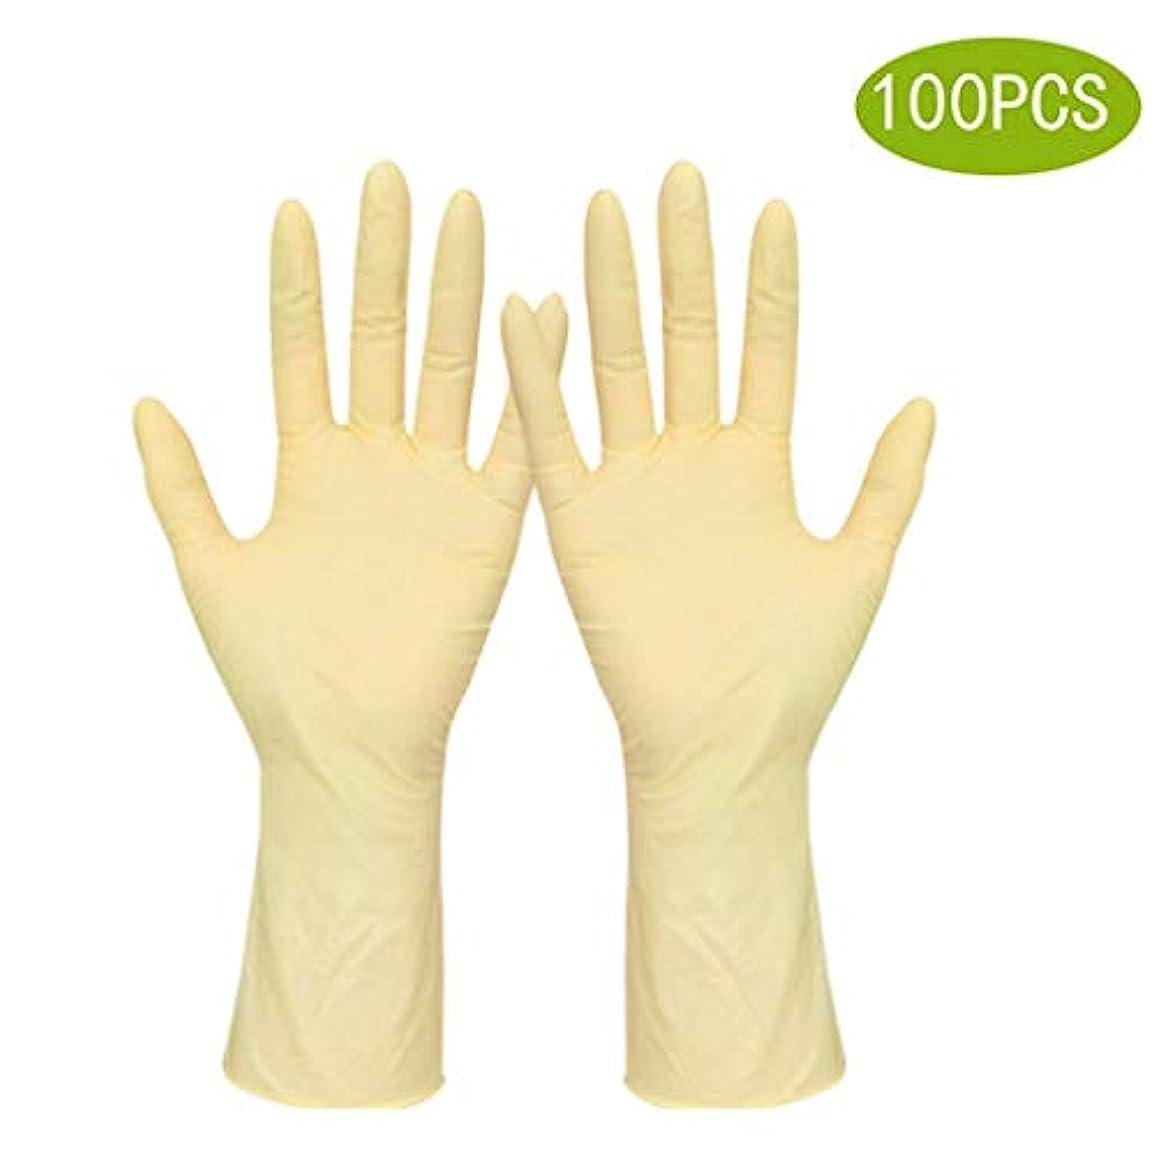 愛されし者微視的話をするラテックス手袋4ミル使い捨て手袋 - 試験グレード、パウダーフリー、テクスチャード加工、非滅菌、小、100個入り (Size : S)